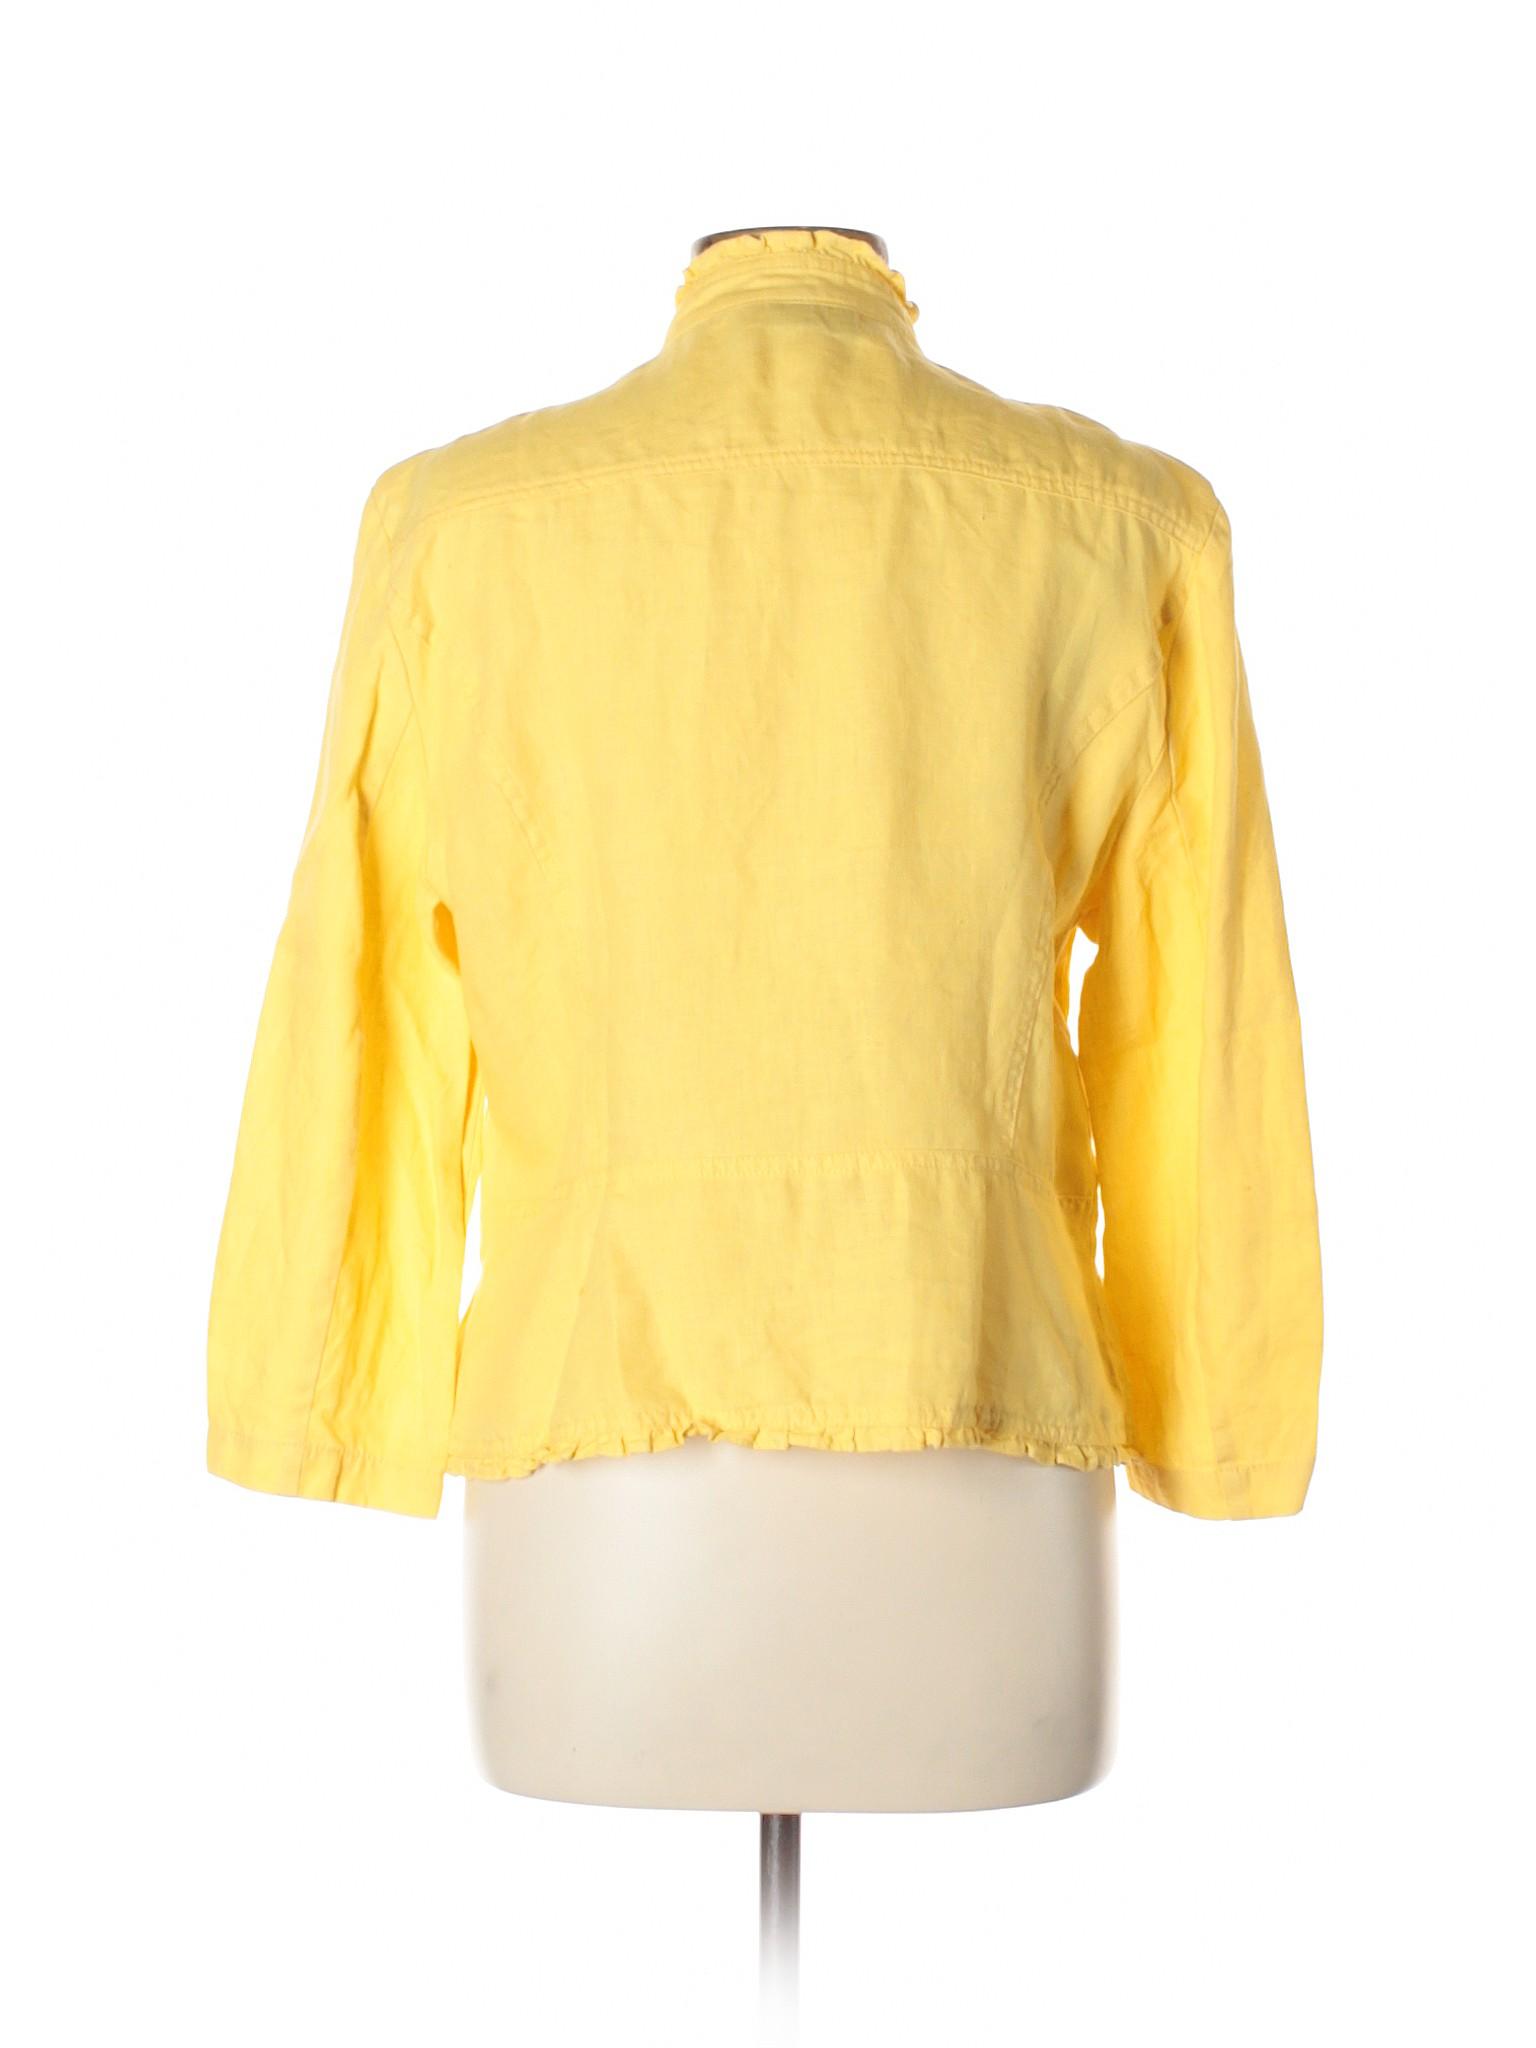 leisure Concepts Boutique Jacket INC International xqfFYgwF1d